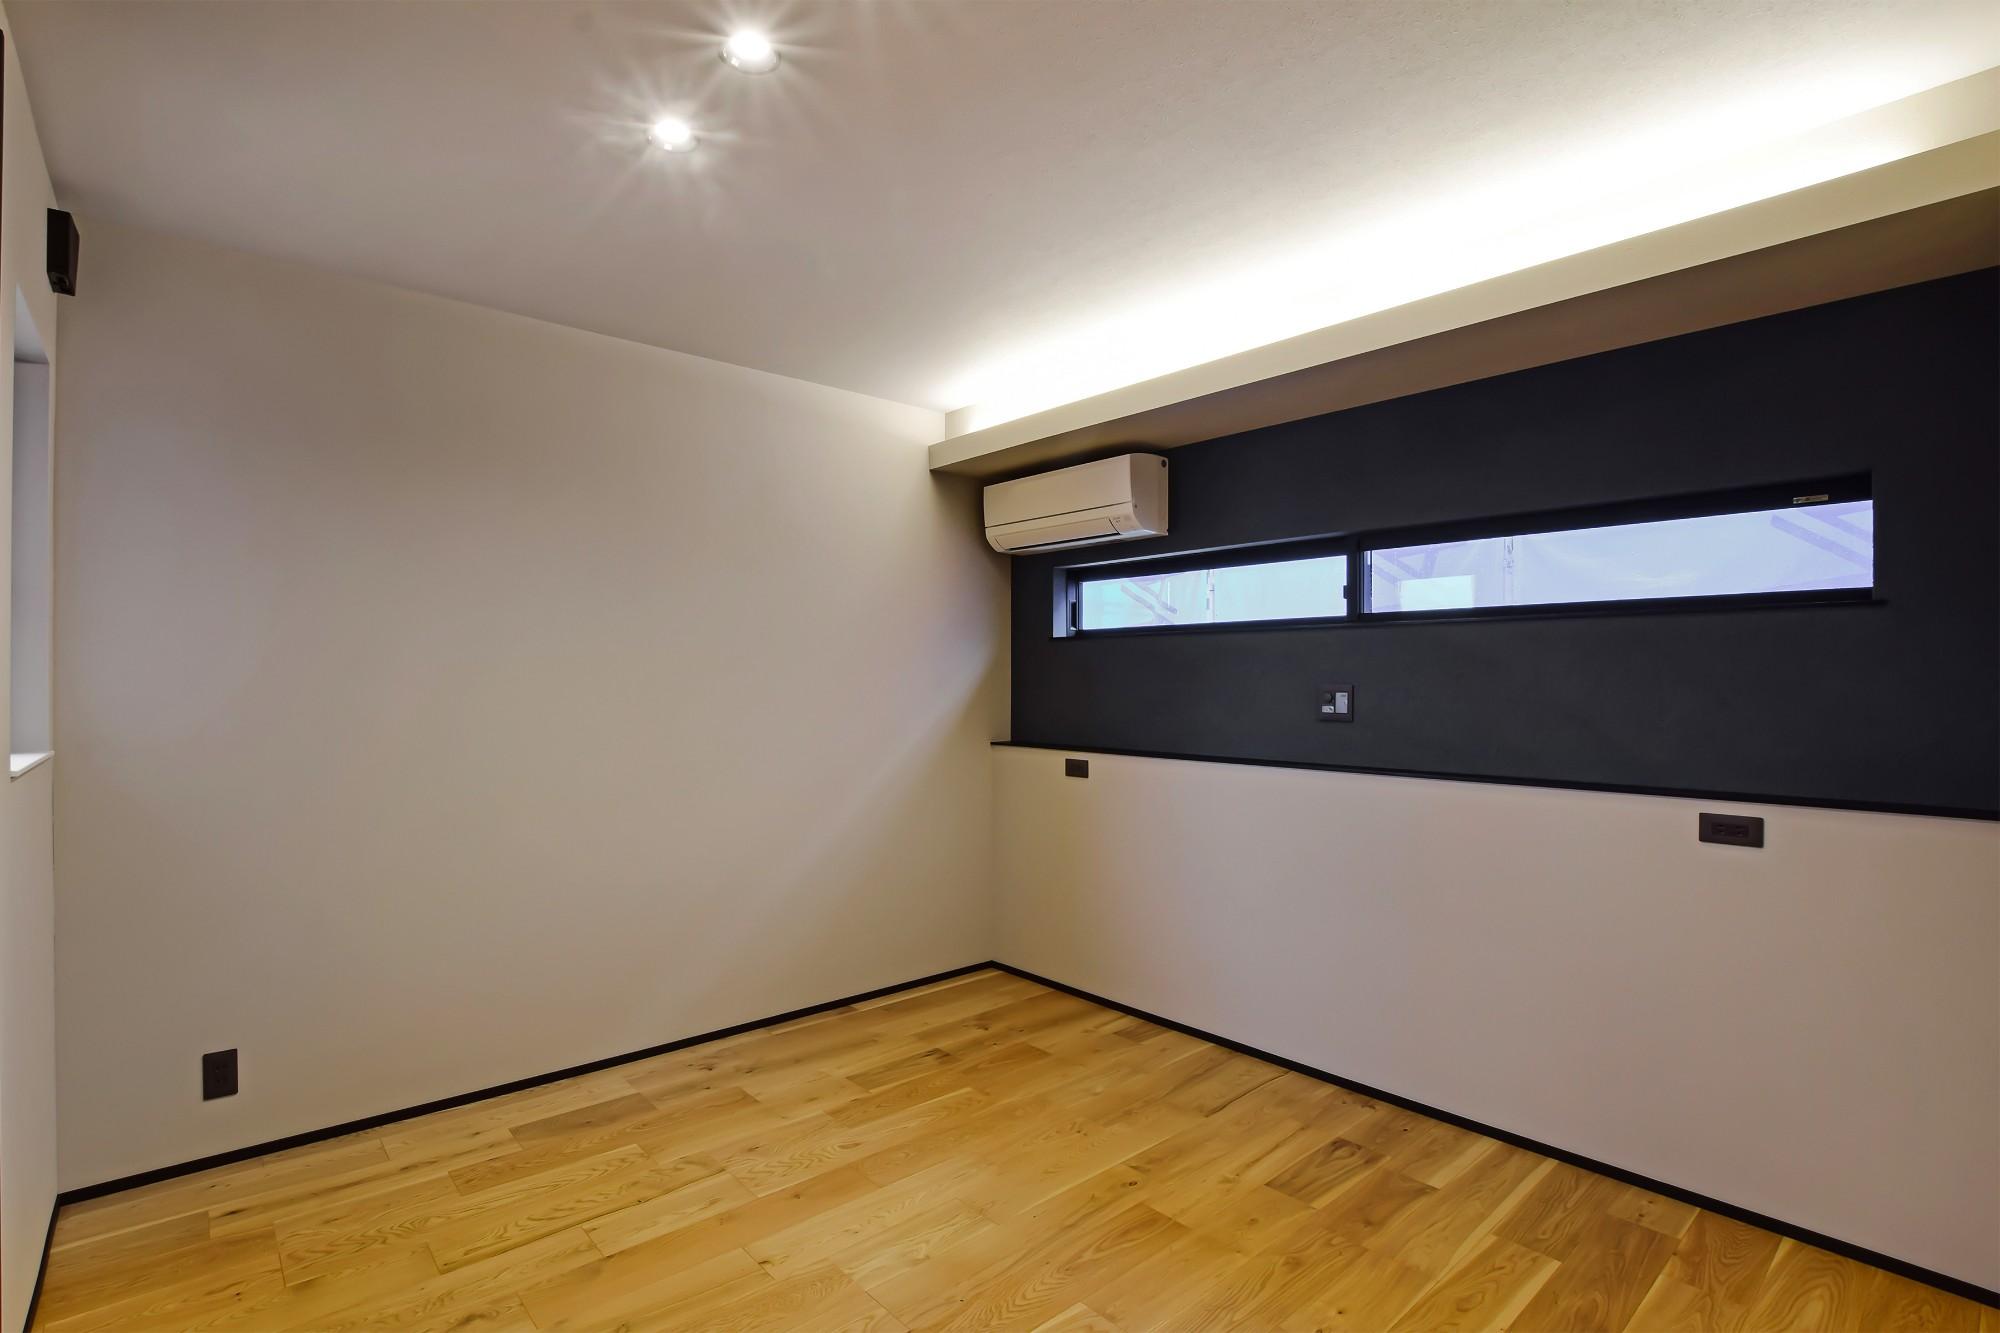 DETAIL HOME(ディテールホーム)「内と外がつながる吹抜け大開口の住まい」のヴィンテージな居室の実例写真